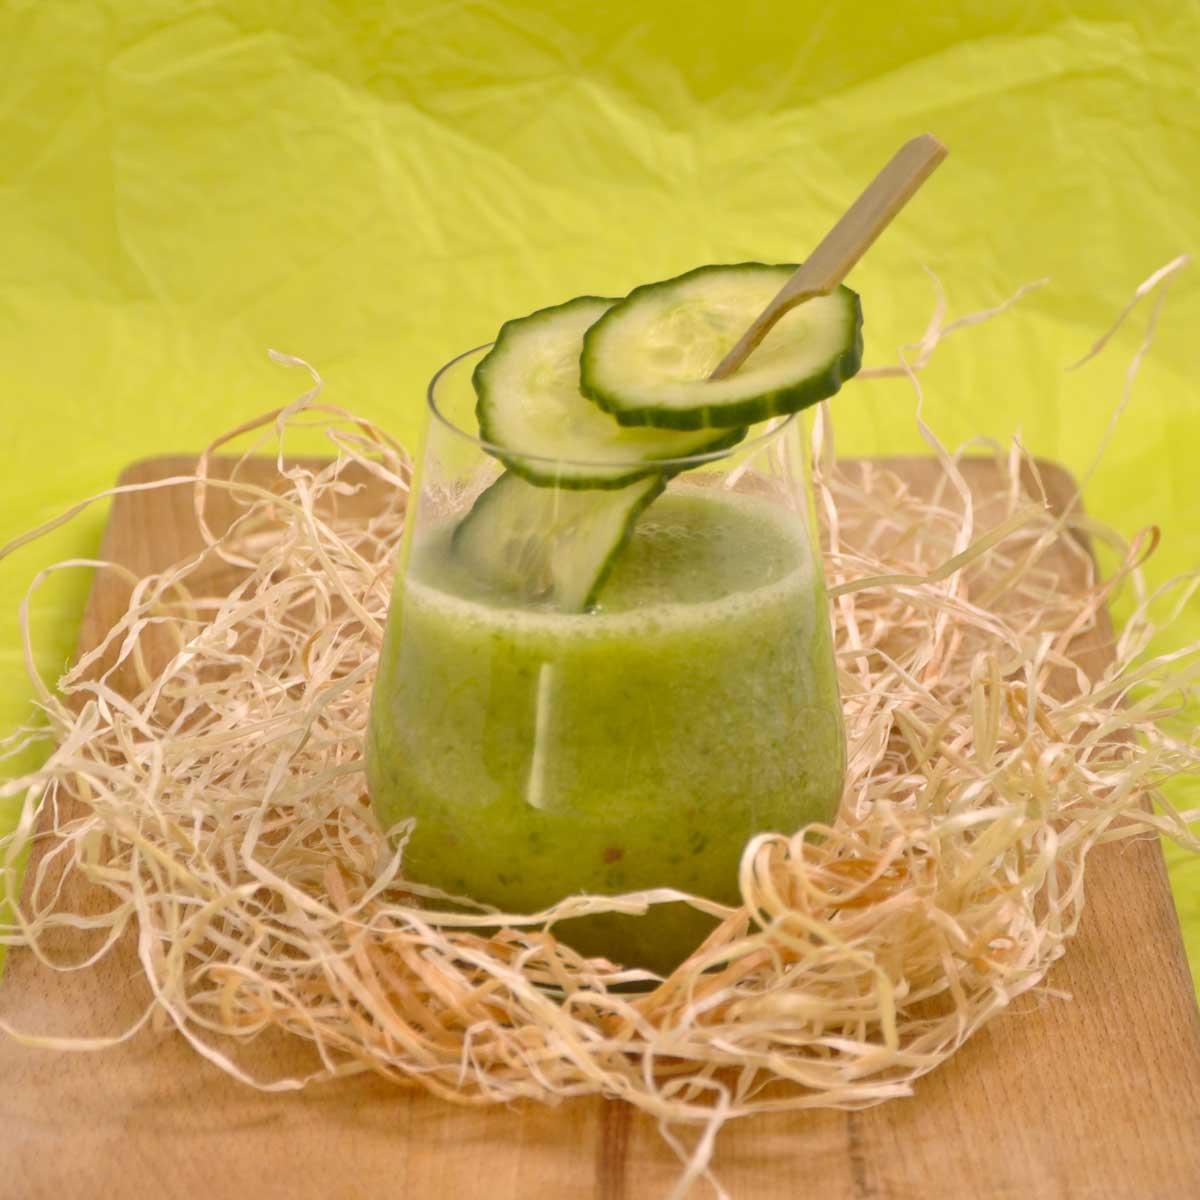 recette smoothie green detox cuisine madame figaro. Black Bedroom Furniture Sets. Home Design Ideas